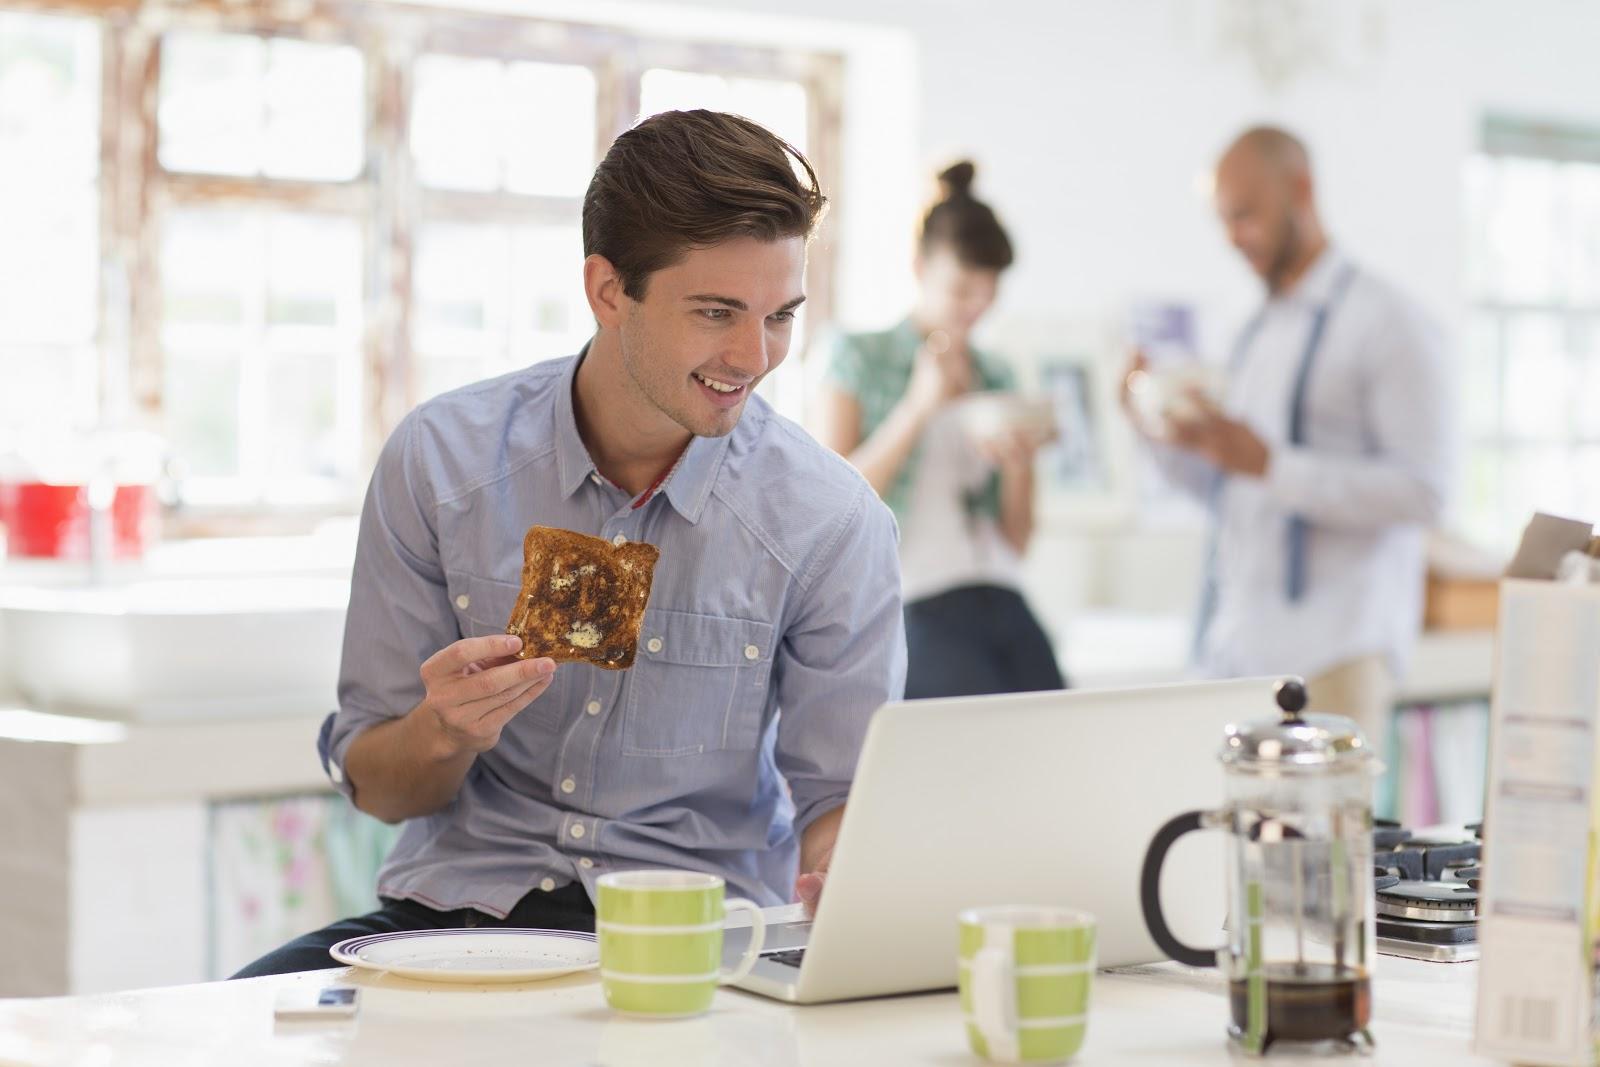 Um homem olhando para seu notebook e comendo uma torrada.